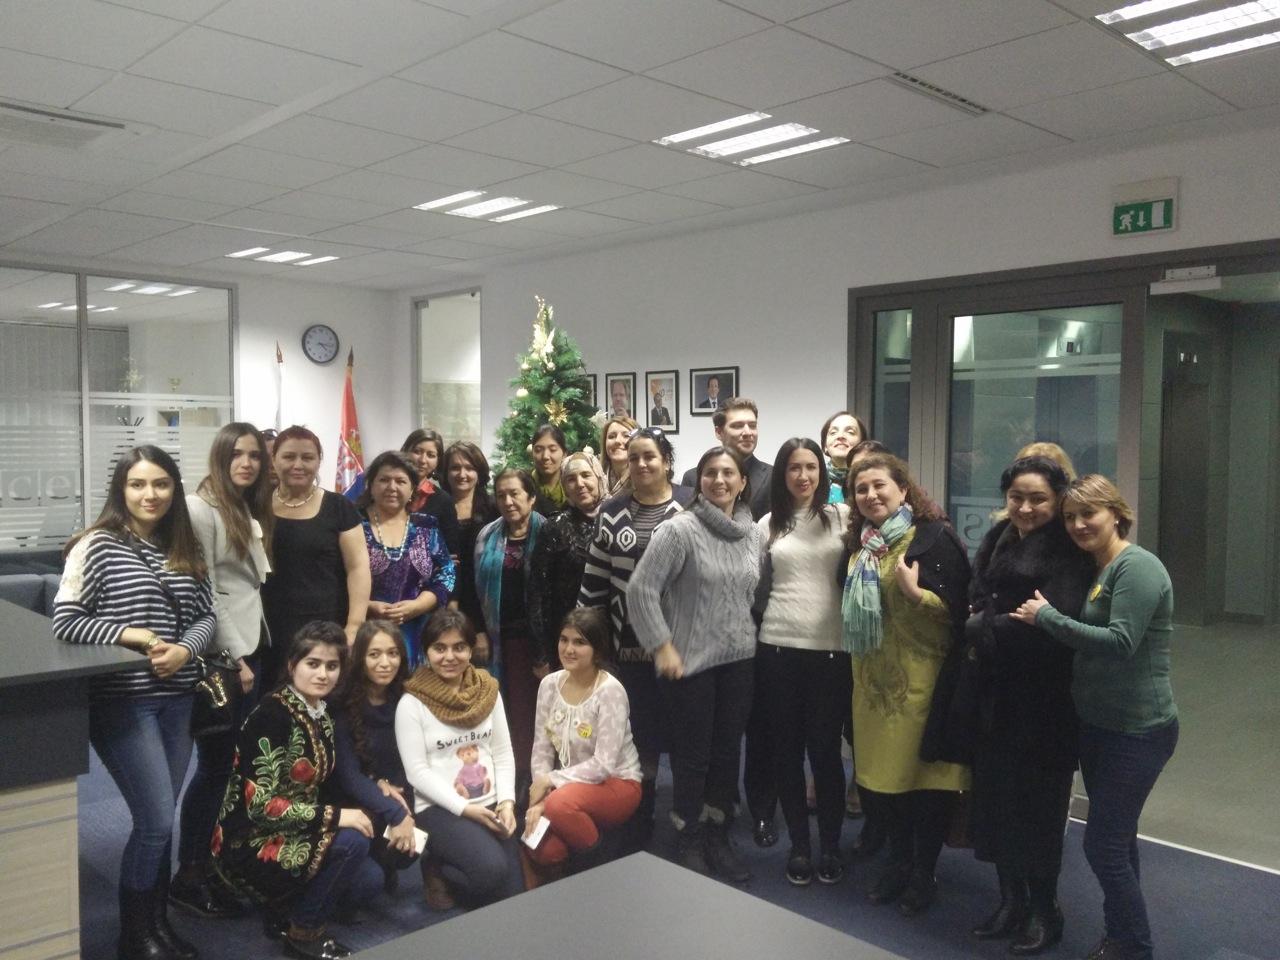 Prezentacija Akademije ženskog liderstva delegaciji političarki i aktivistkinja iz Tadžikistana